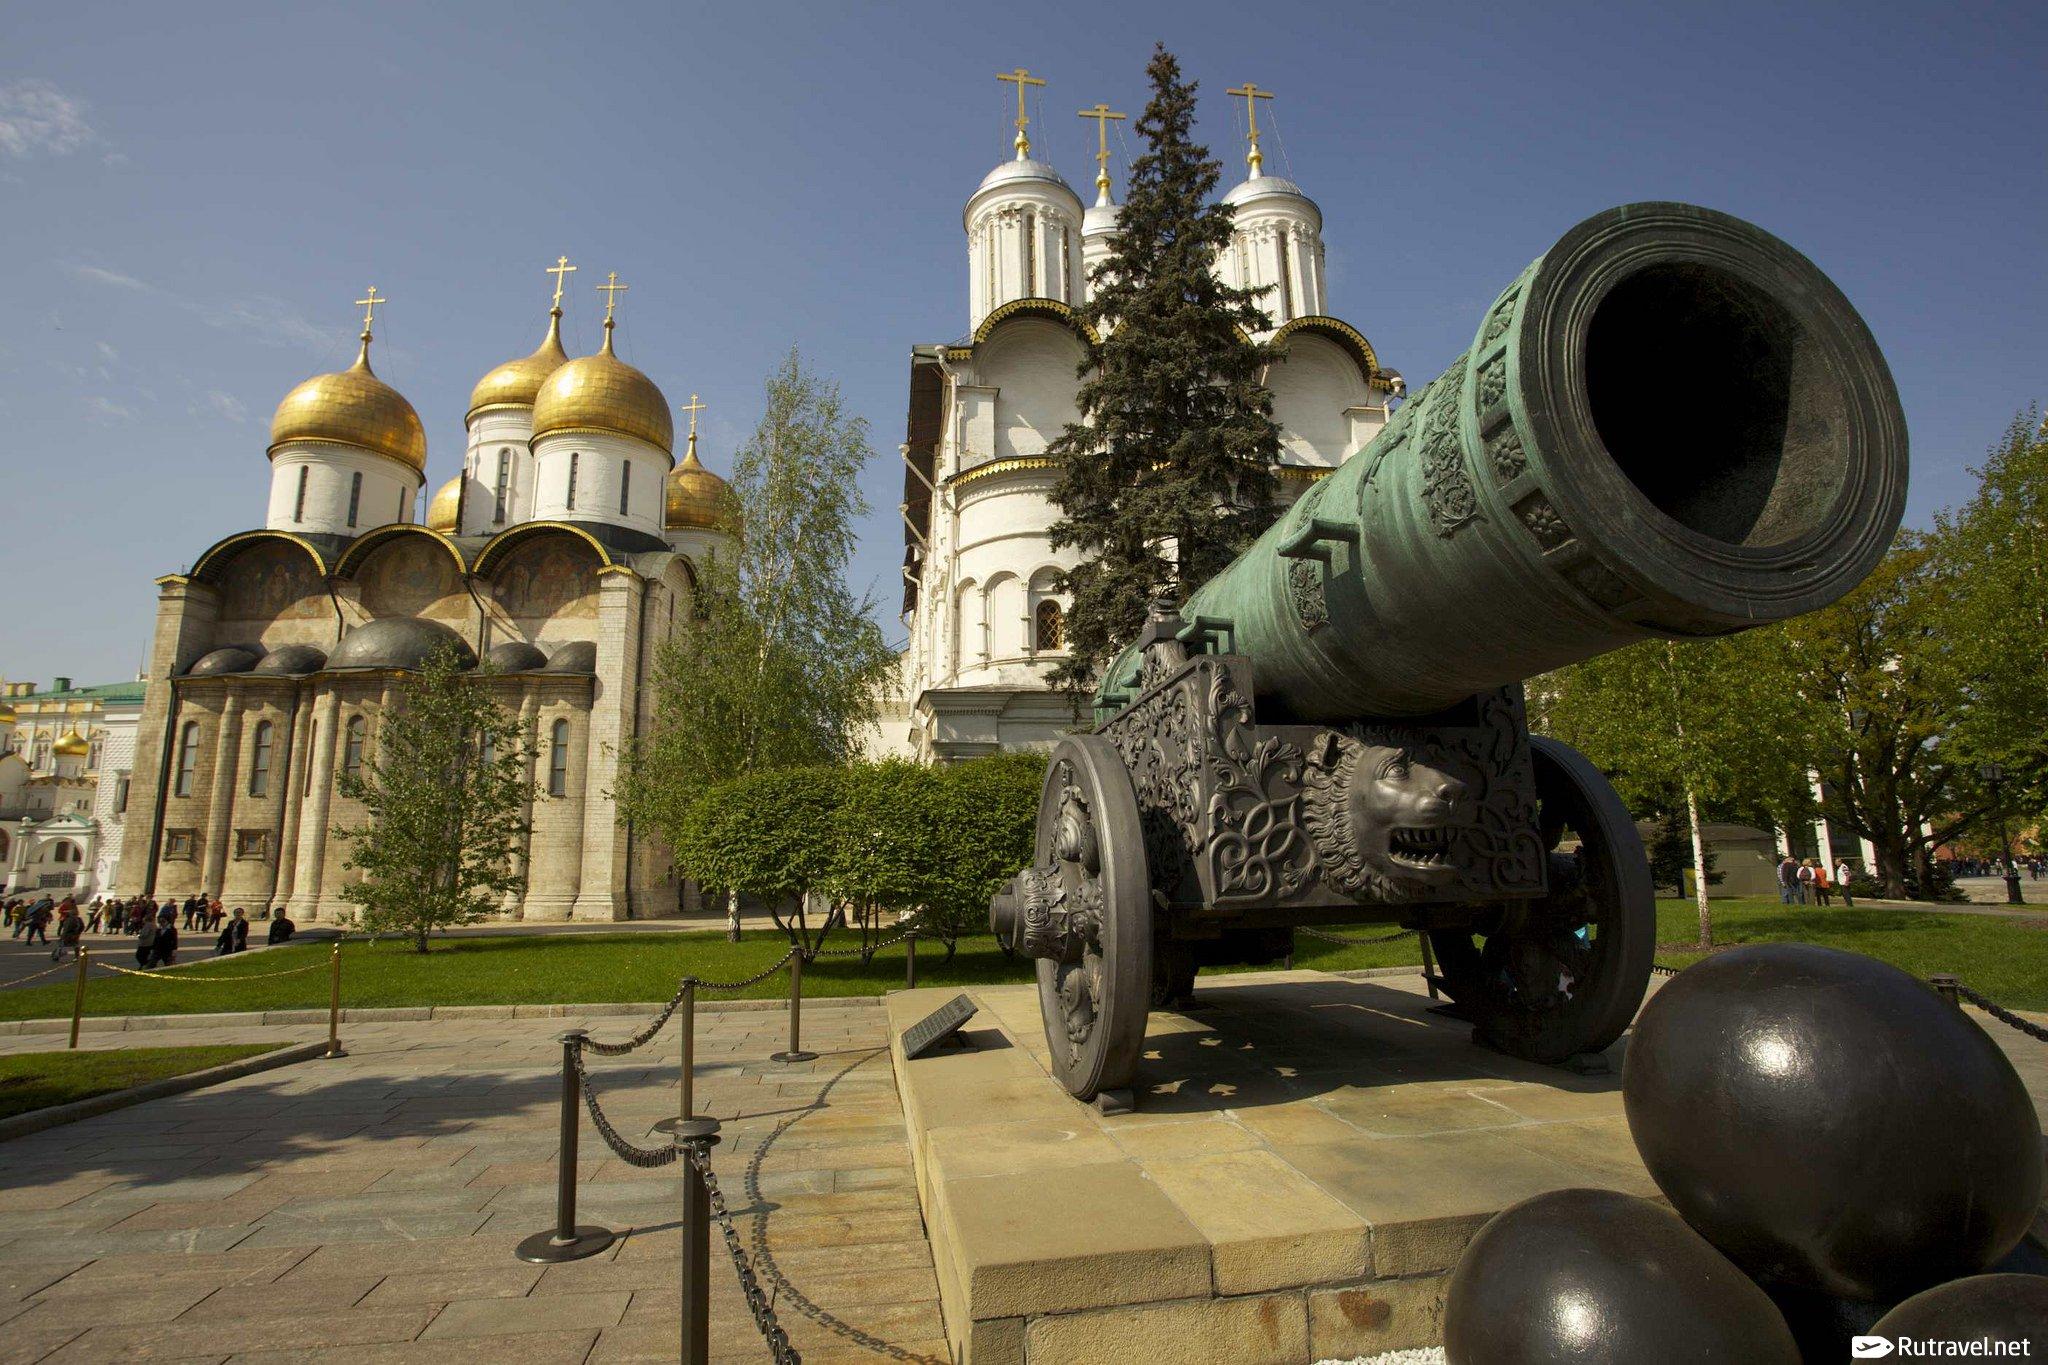 Картинки москвы достопримечательности с названиями, картинки текстом открытки